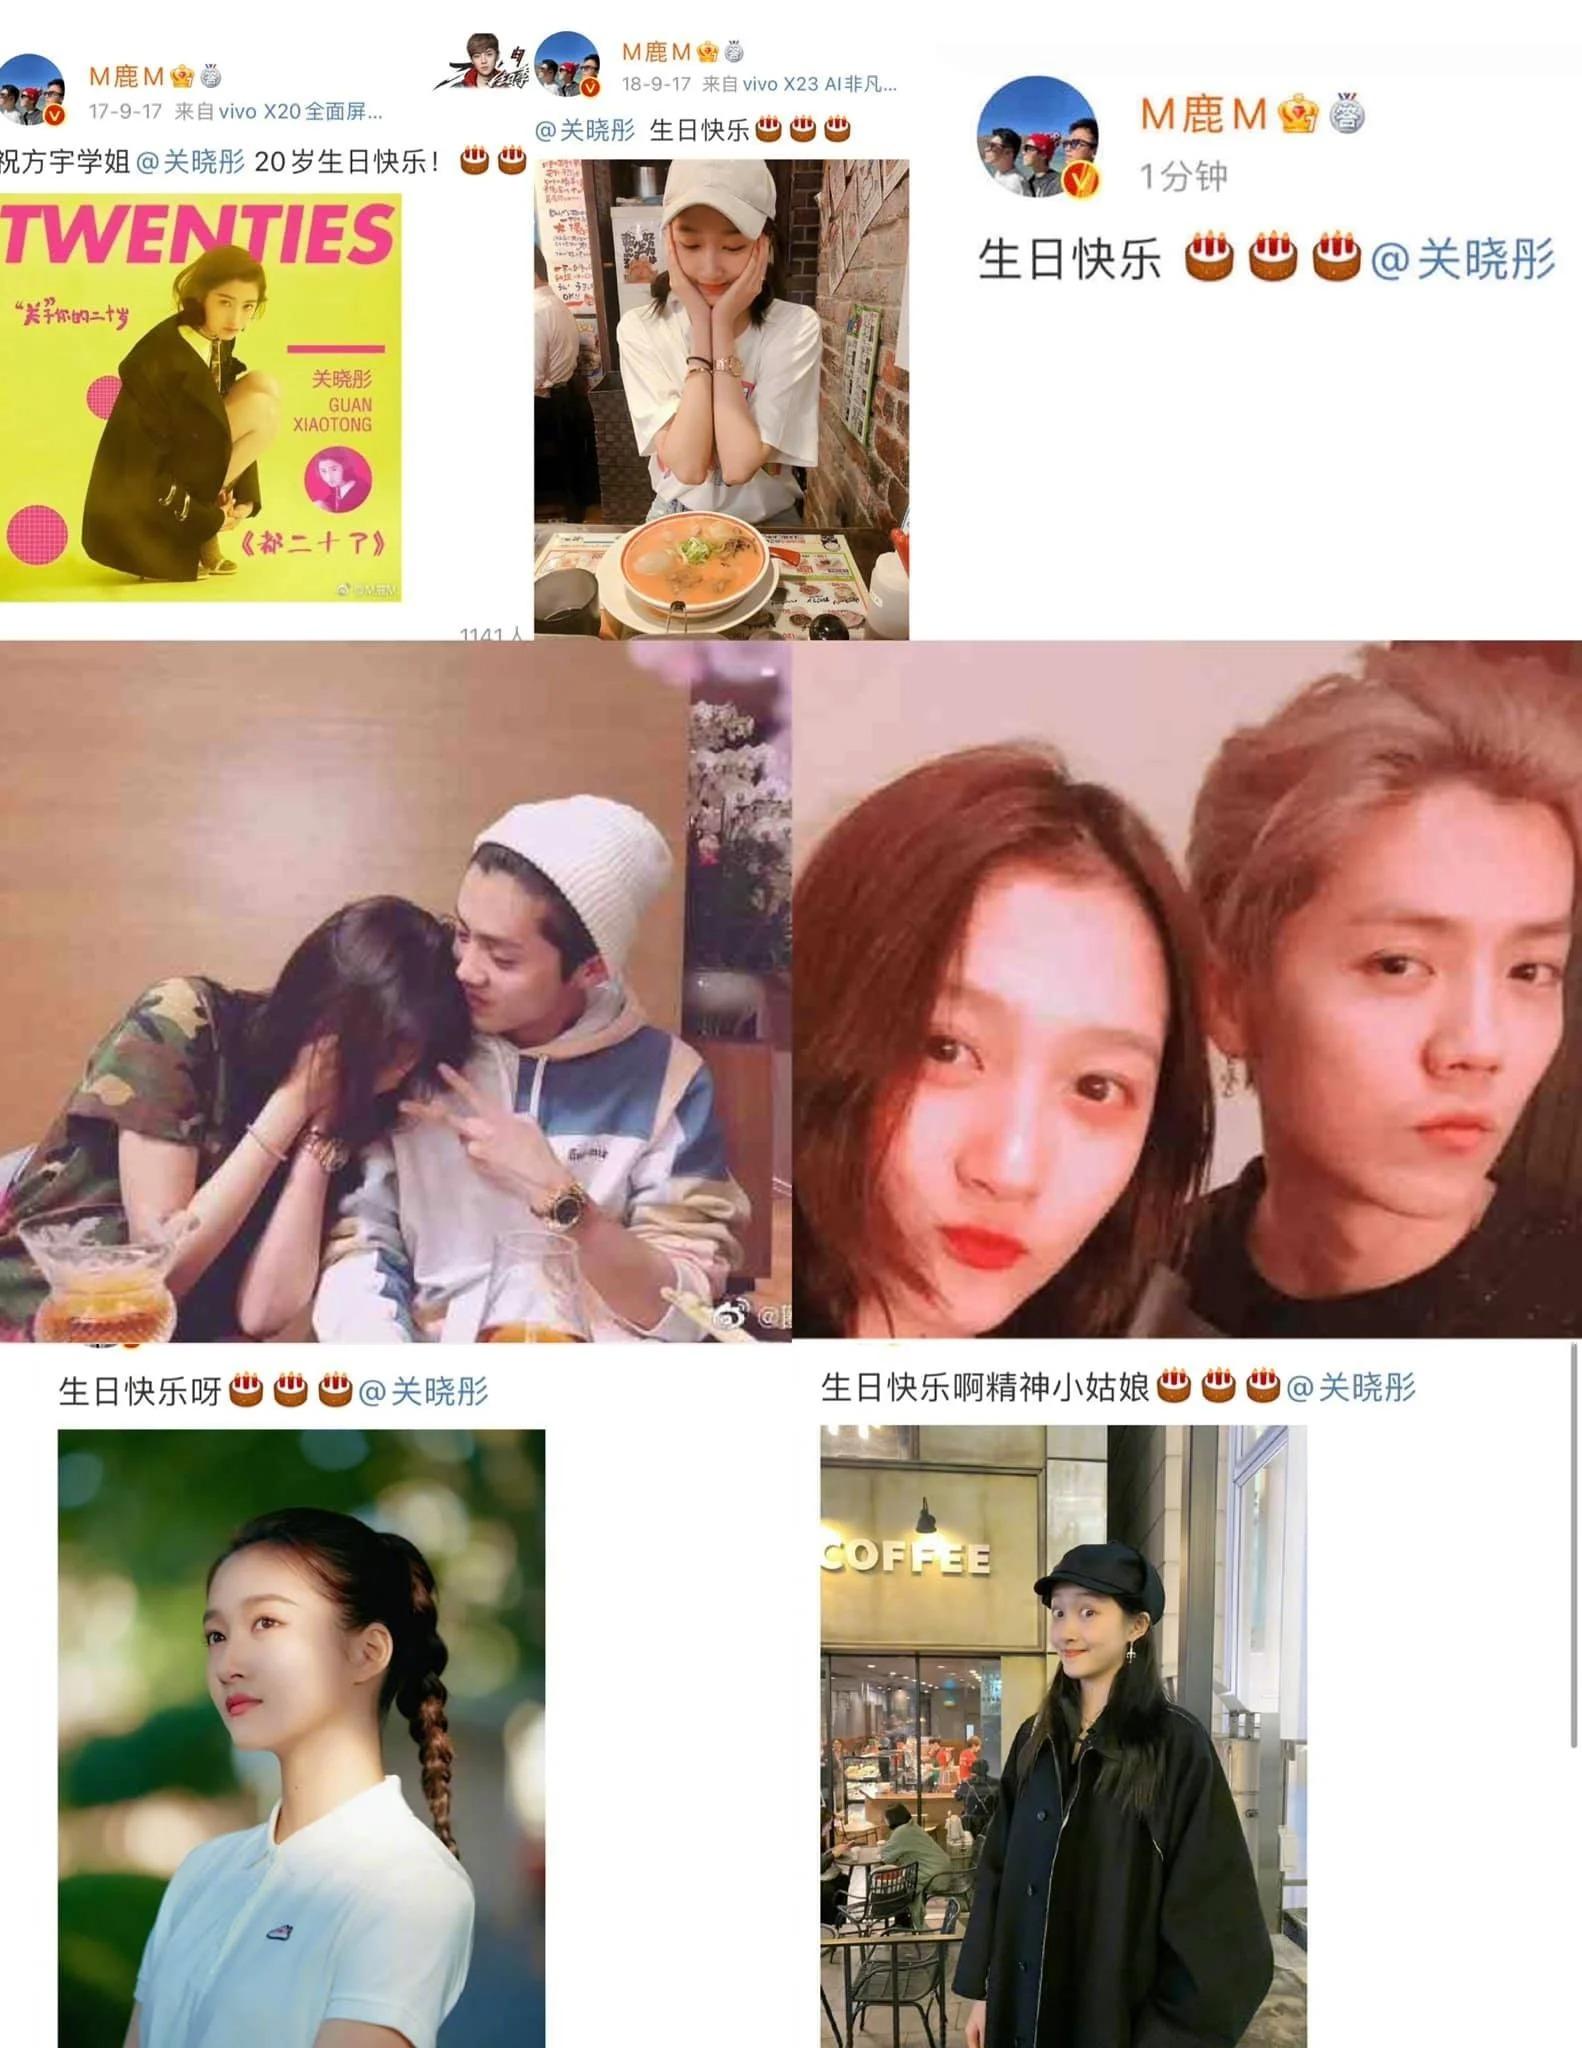 Showbiz 17/9: Thủy Tiên 'kì lạ' ngay trước livestream trực tiếp 'đối chứng' bà Phương Hằng; MC Phan Anh thừa thắng vụ từ thiện 3